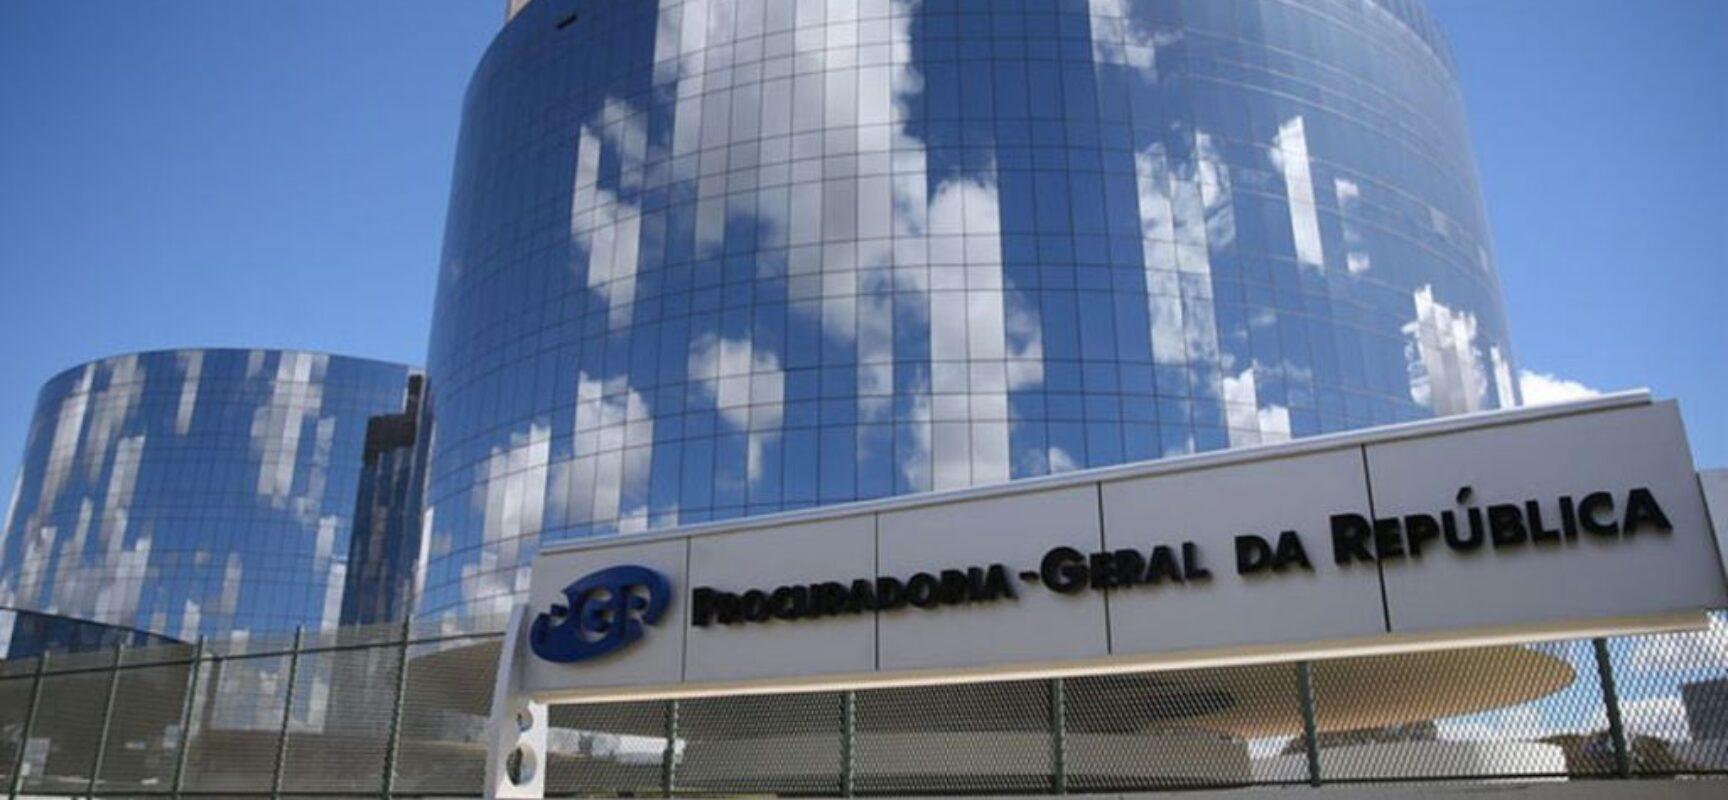 PGR pede isonomia em quebras de sigilo na CPI